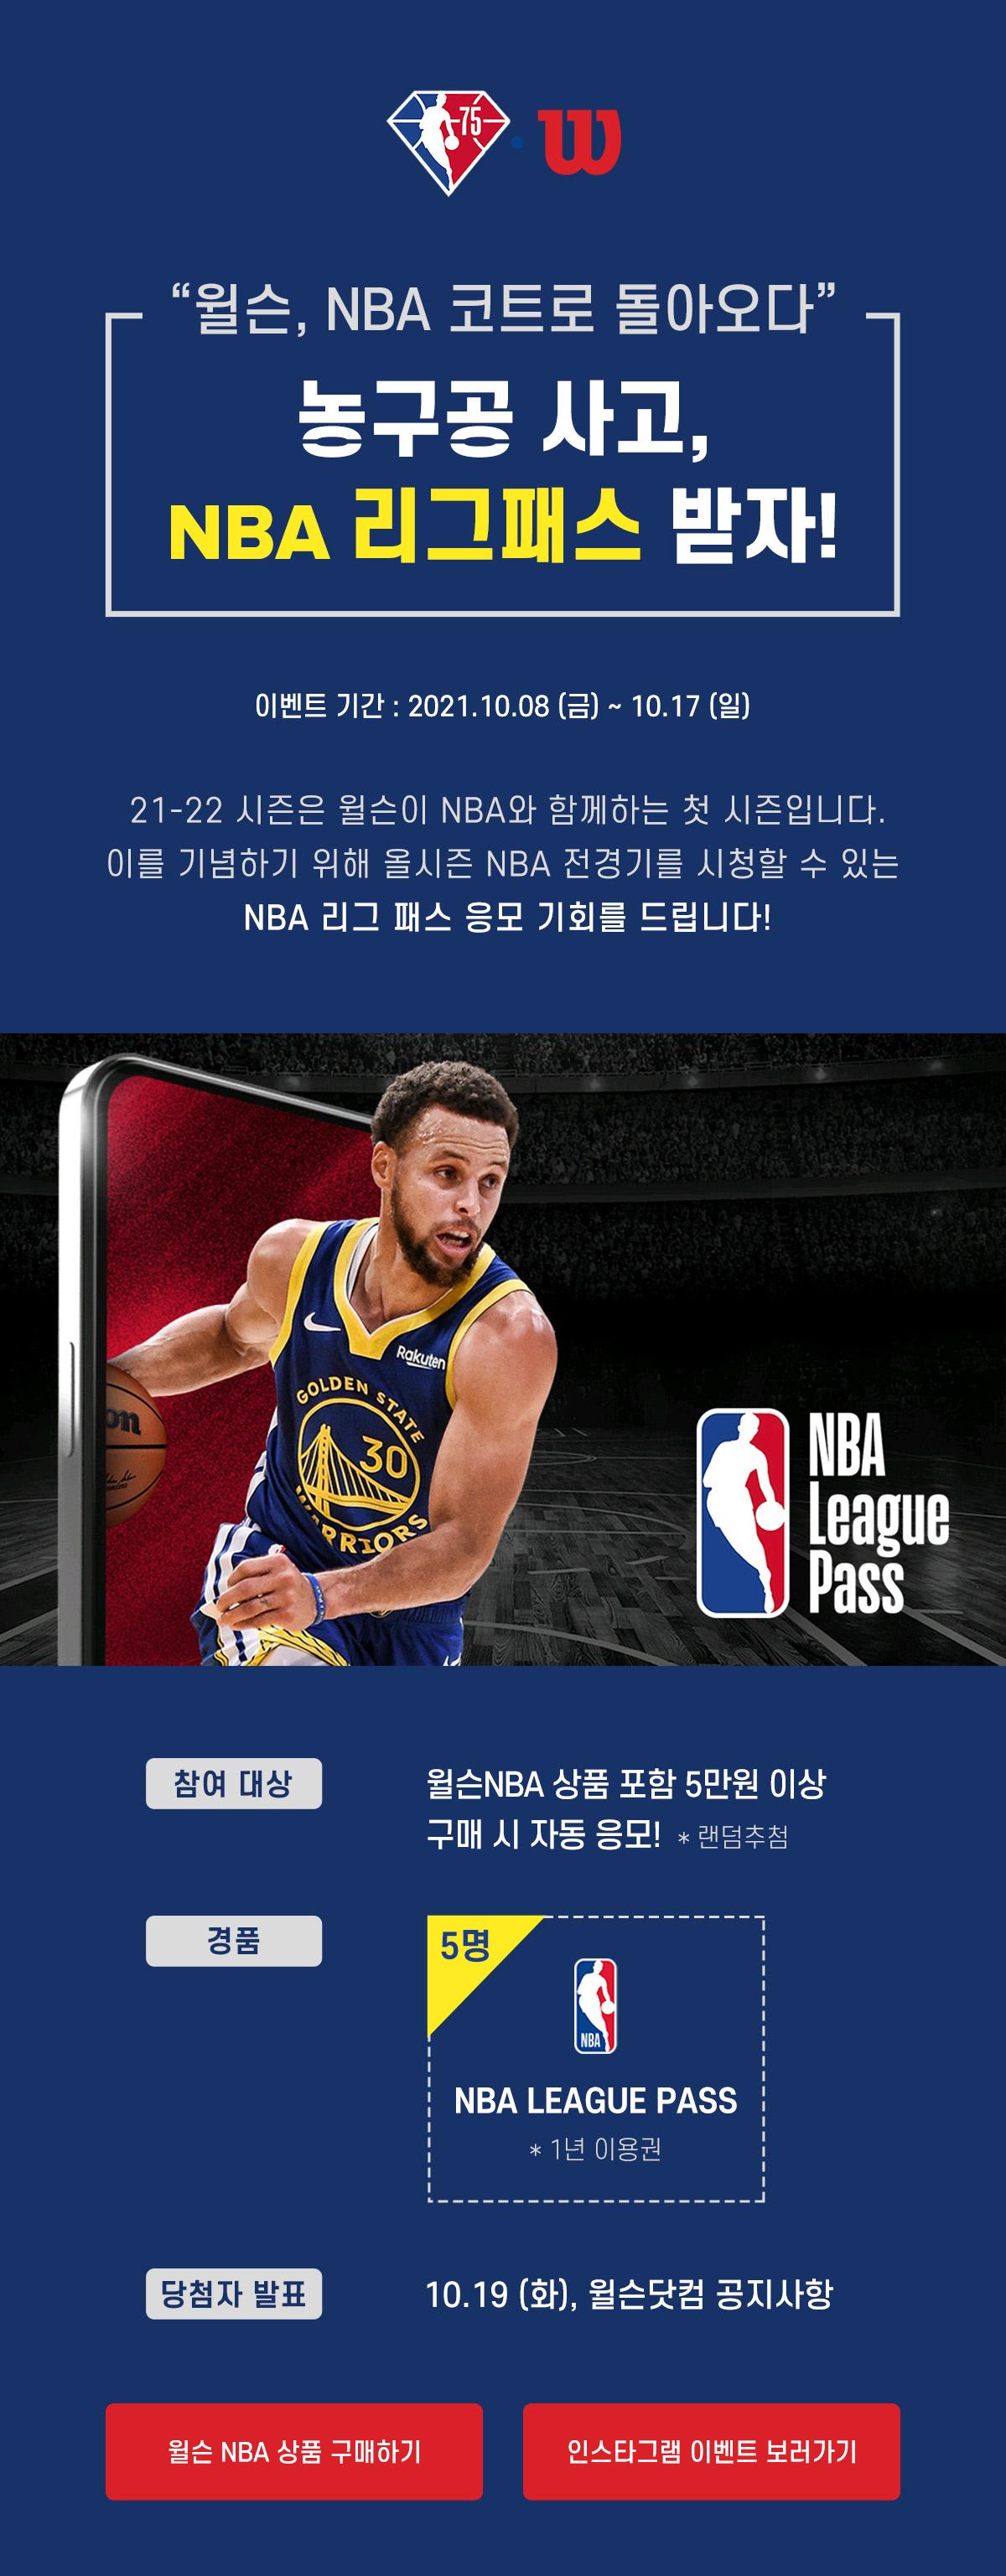 NBA 리그패스 이벤트